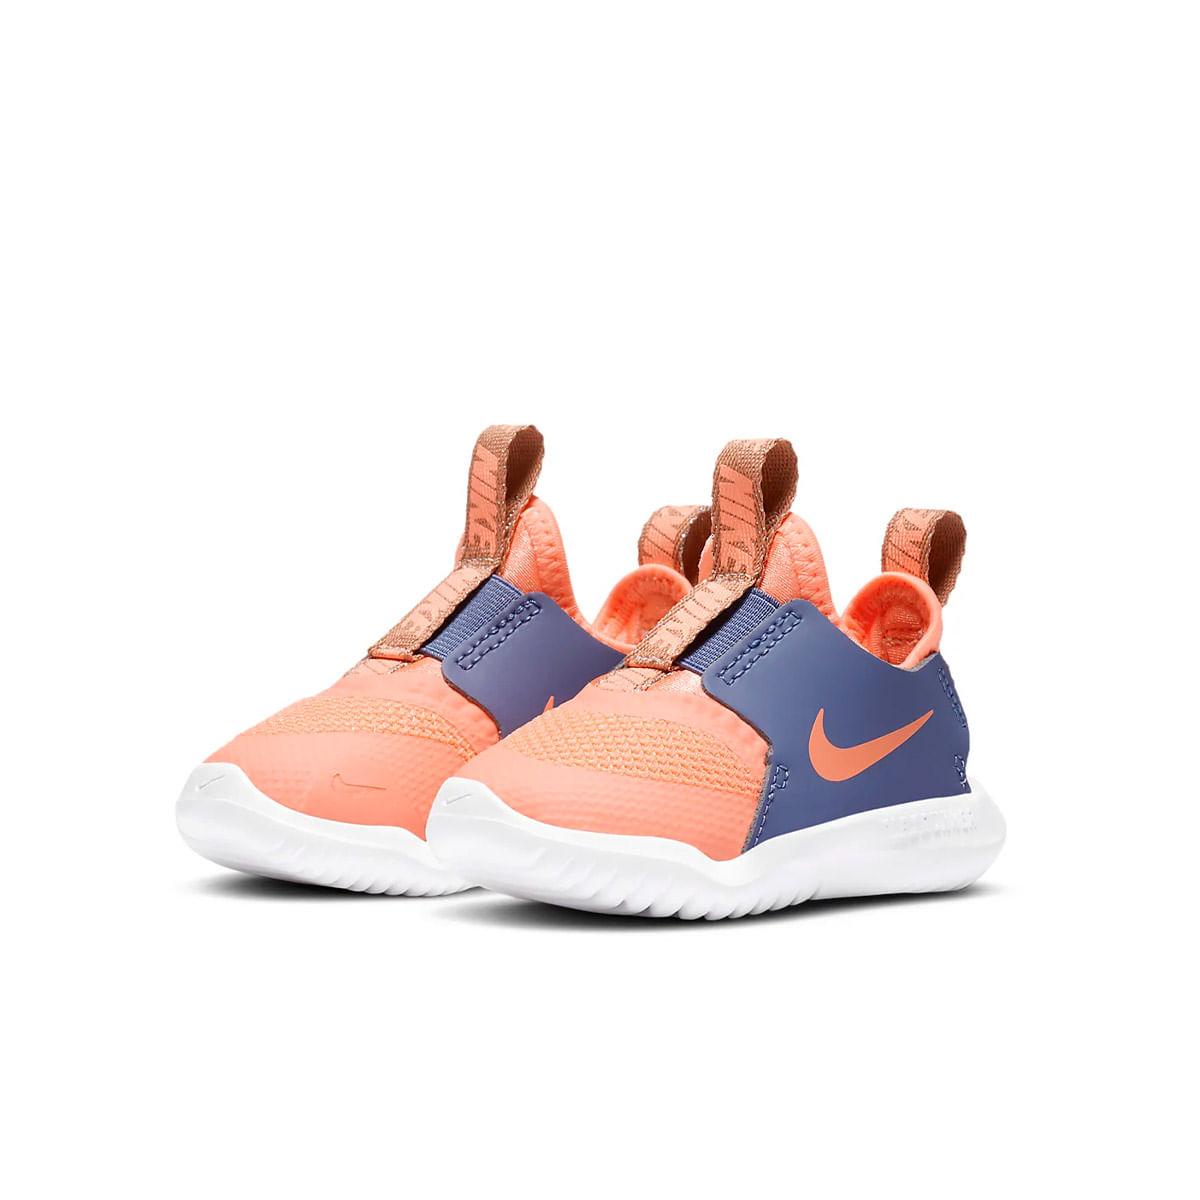 Tenis-Infantil-Nike-Flex-Runner--185-ao-26--AT4665-604--4Q20-